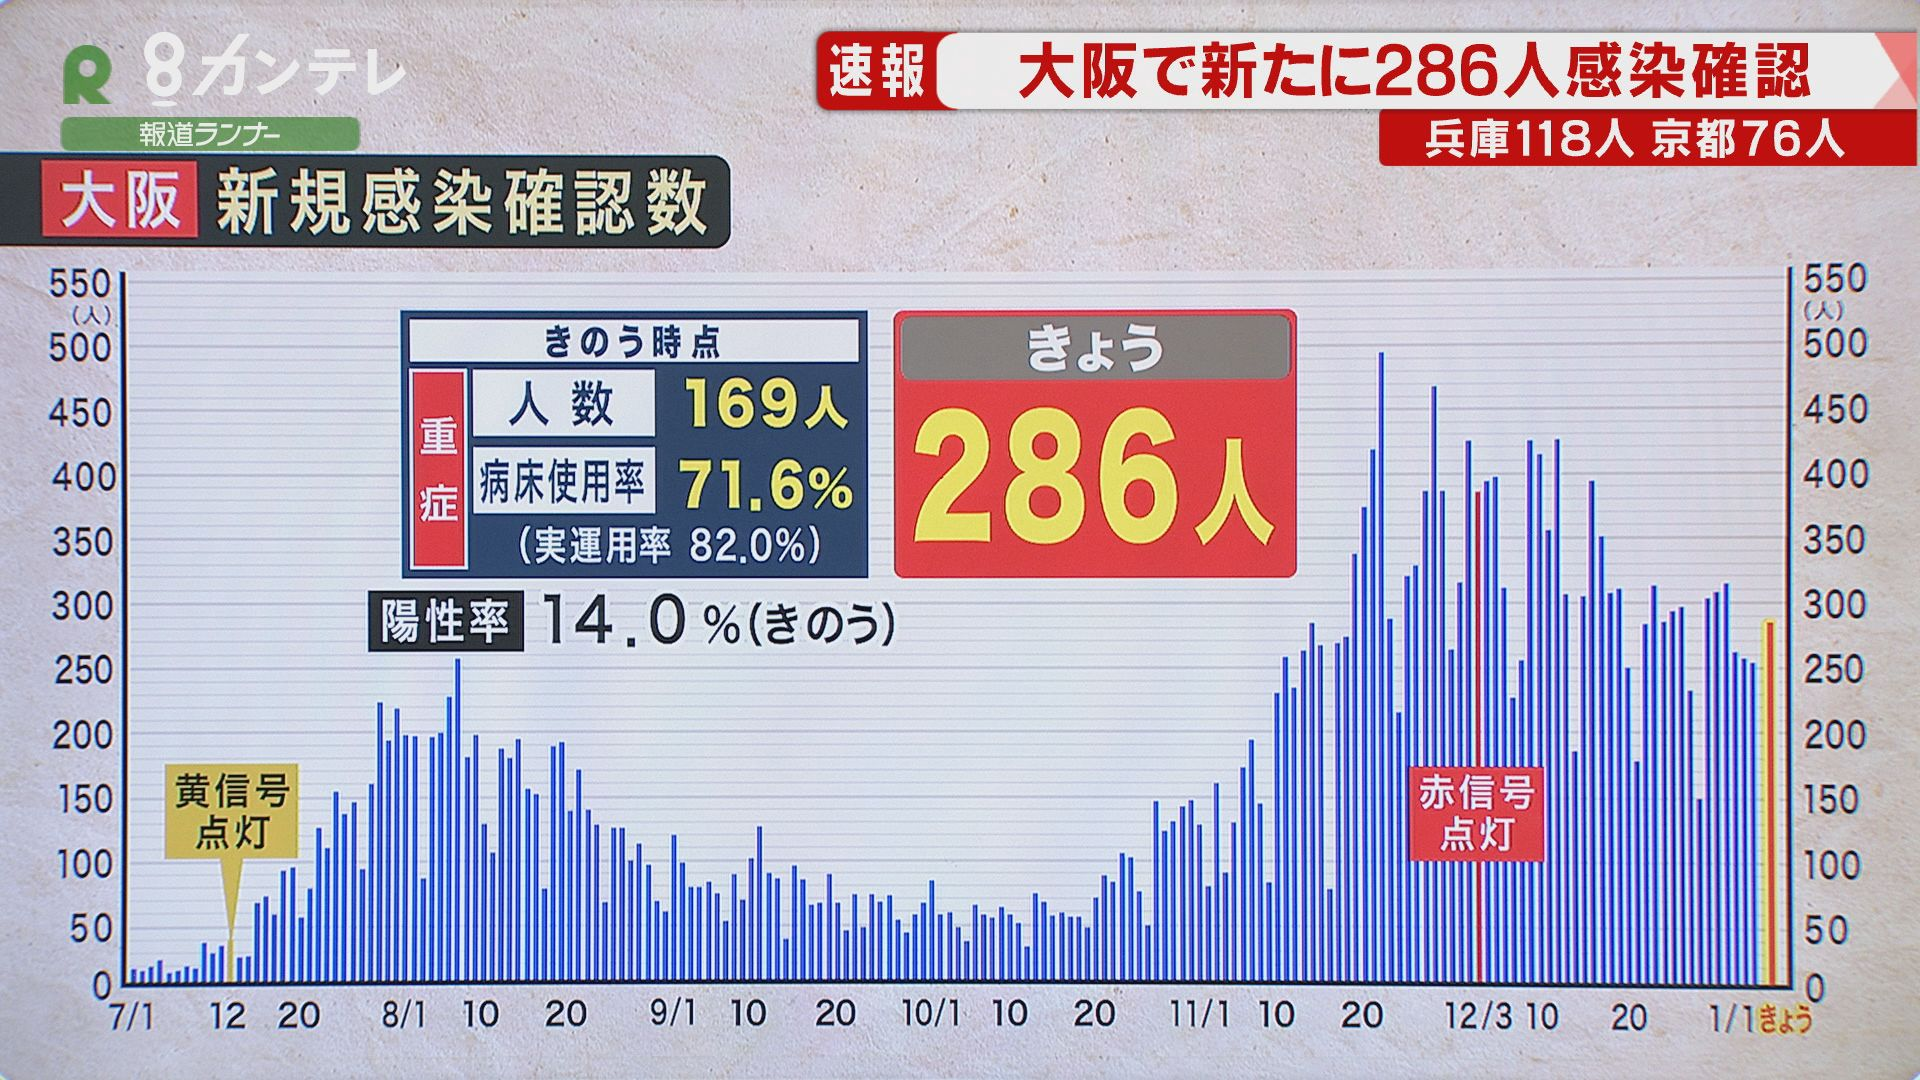 """大阪府で新たに""""286人""""感染確認 重症者は『過去最多』 兵庫は新たに118人判明"""